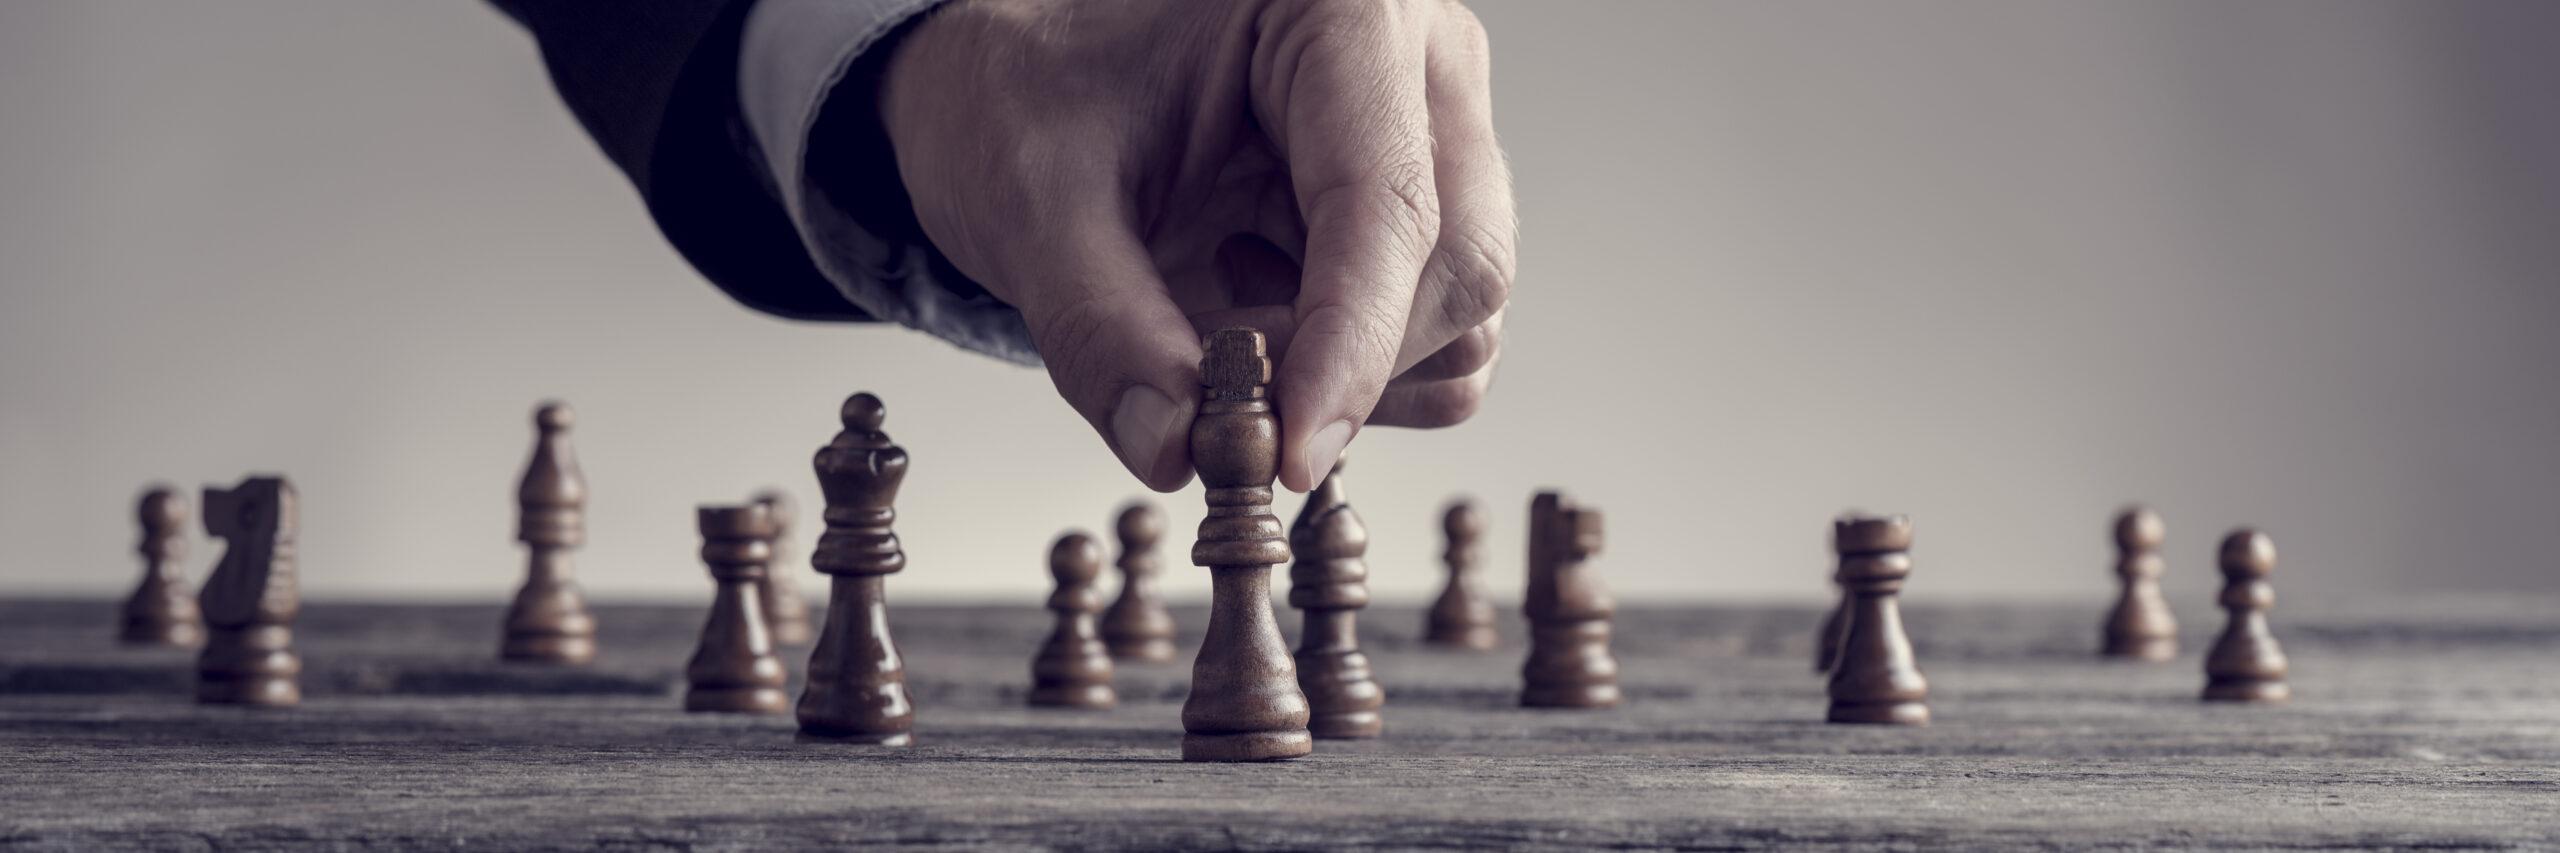 Strategie-pratiche-di-comunicazione-efficace-RhetoFan-corsi-e-manuali.jpeg